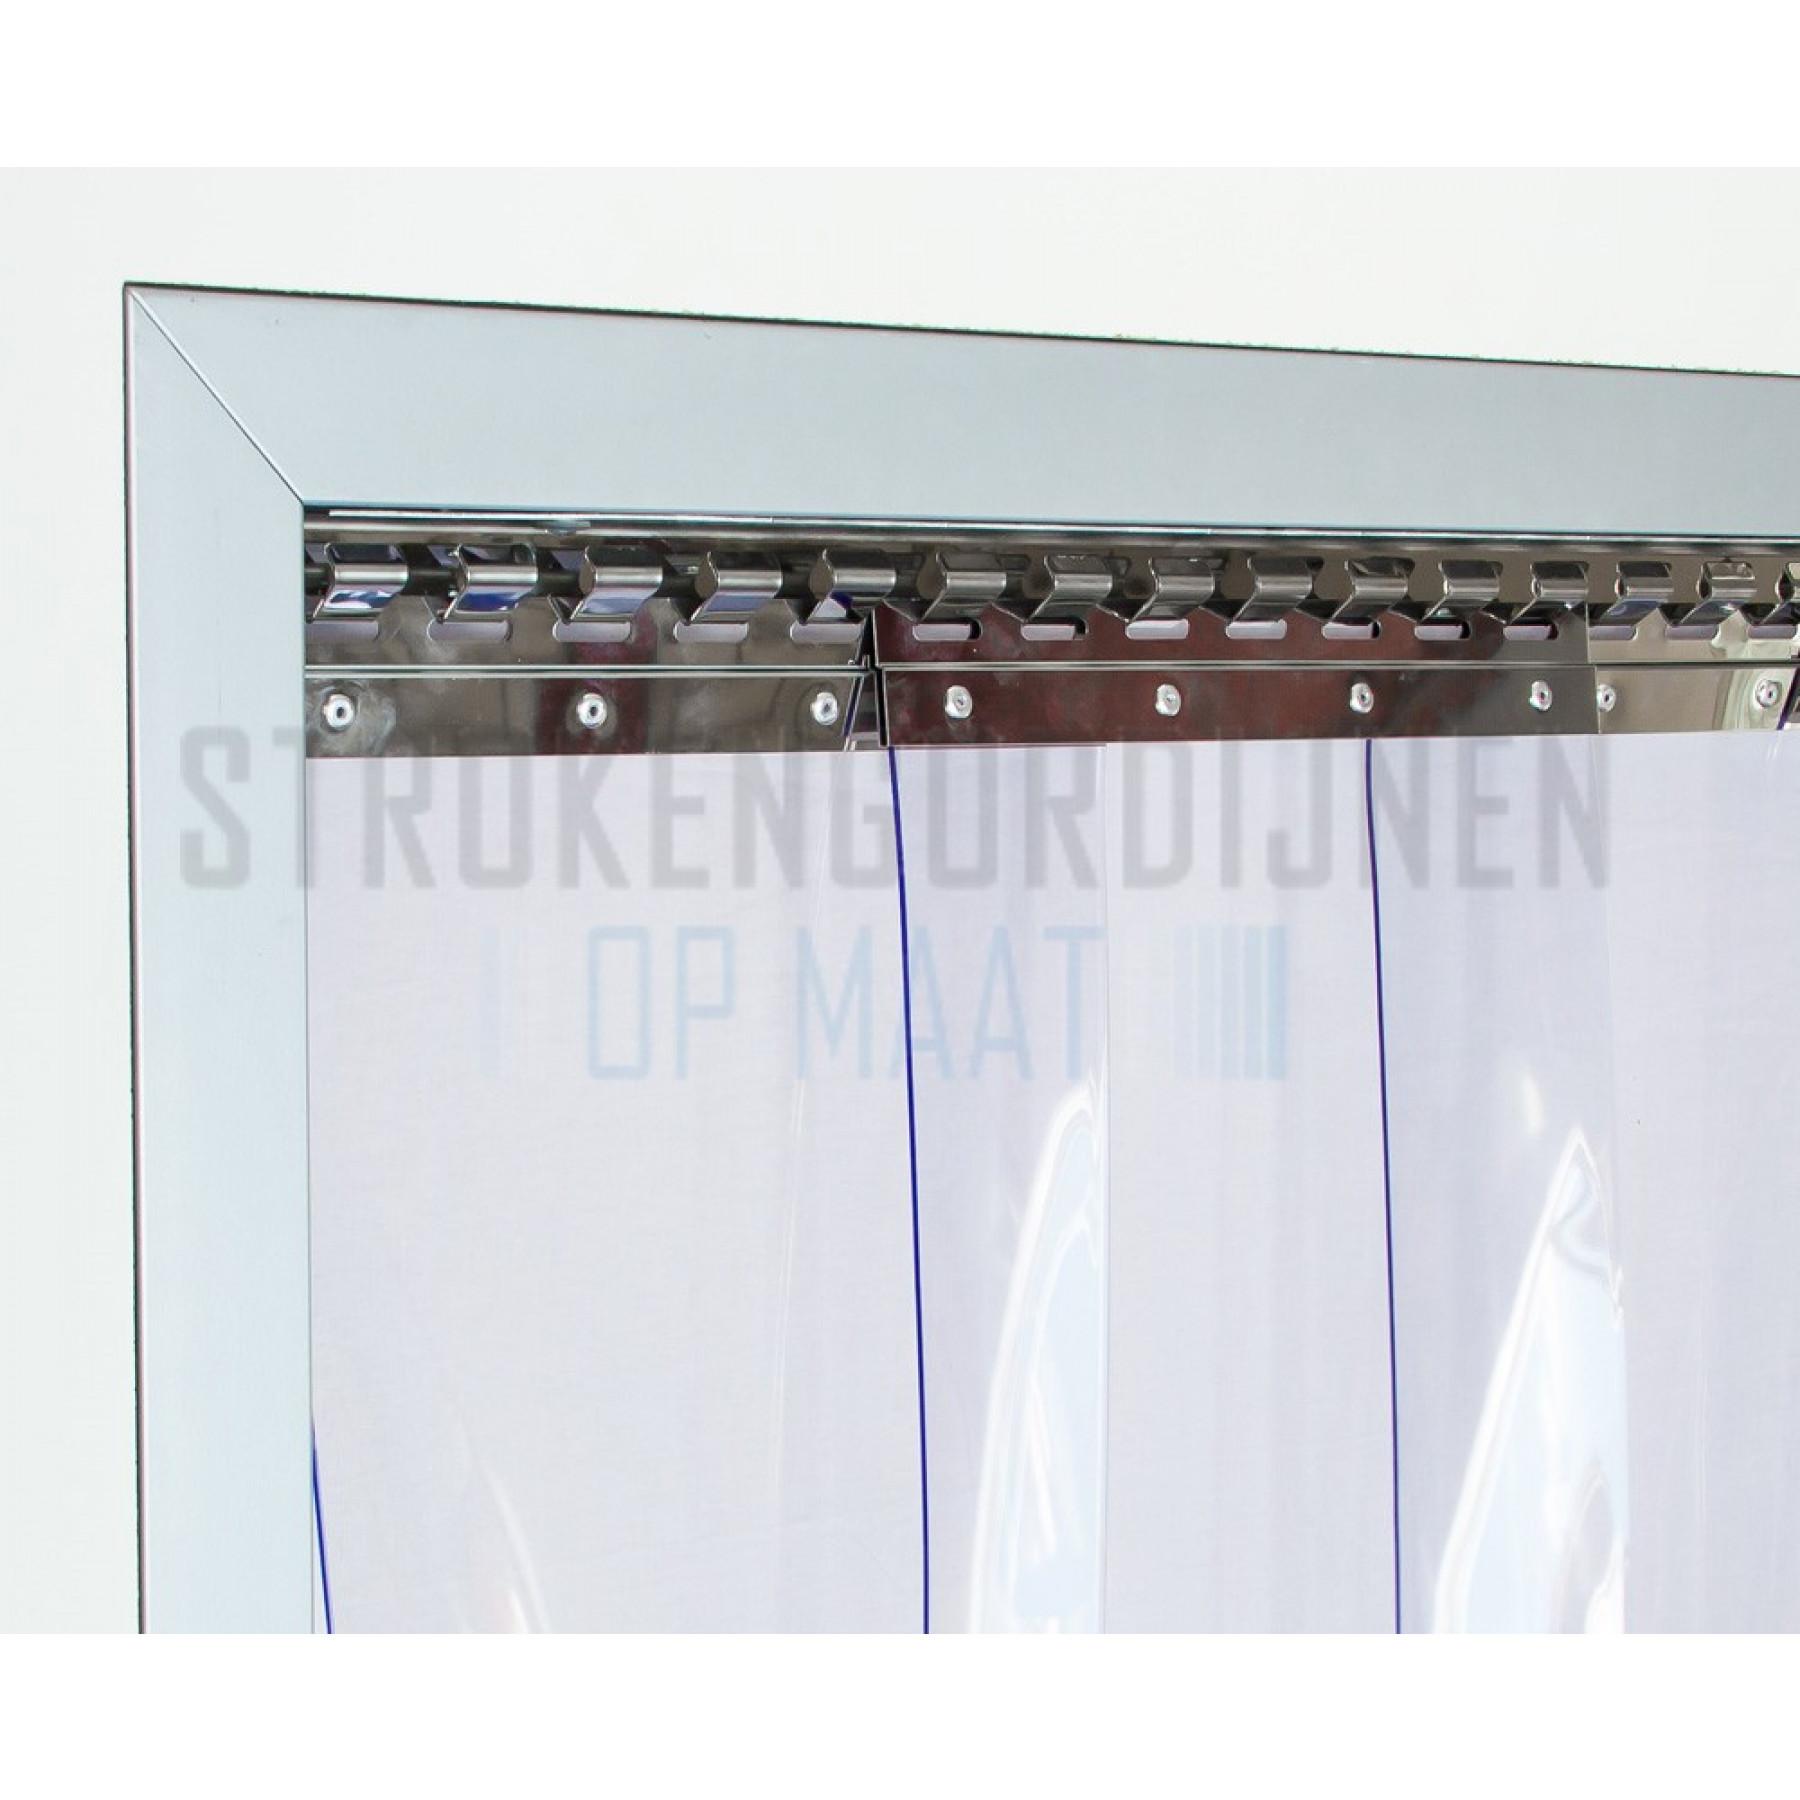 PVC Streifen zur Renovierung, 300mm breit, 3mm dick, transparent